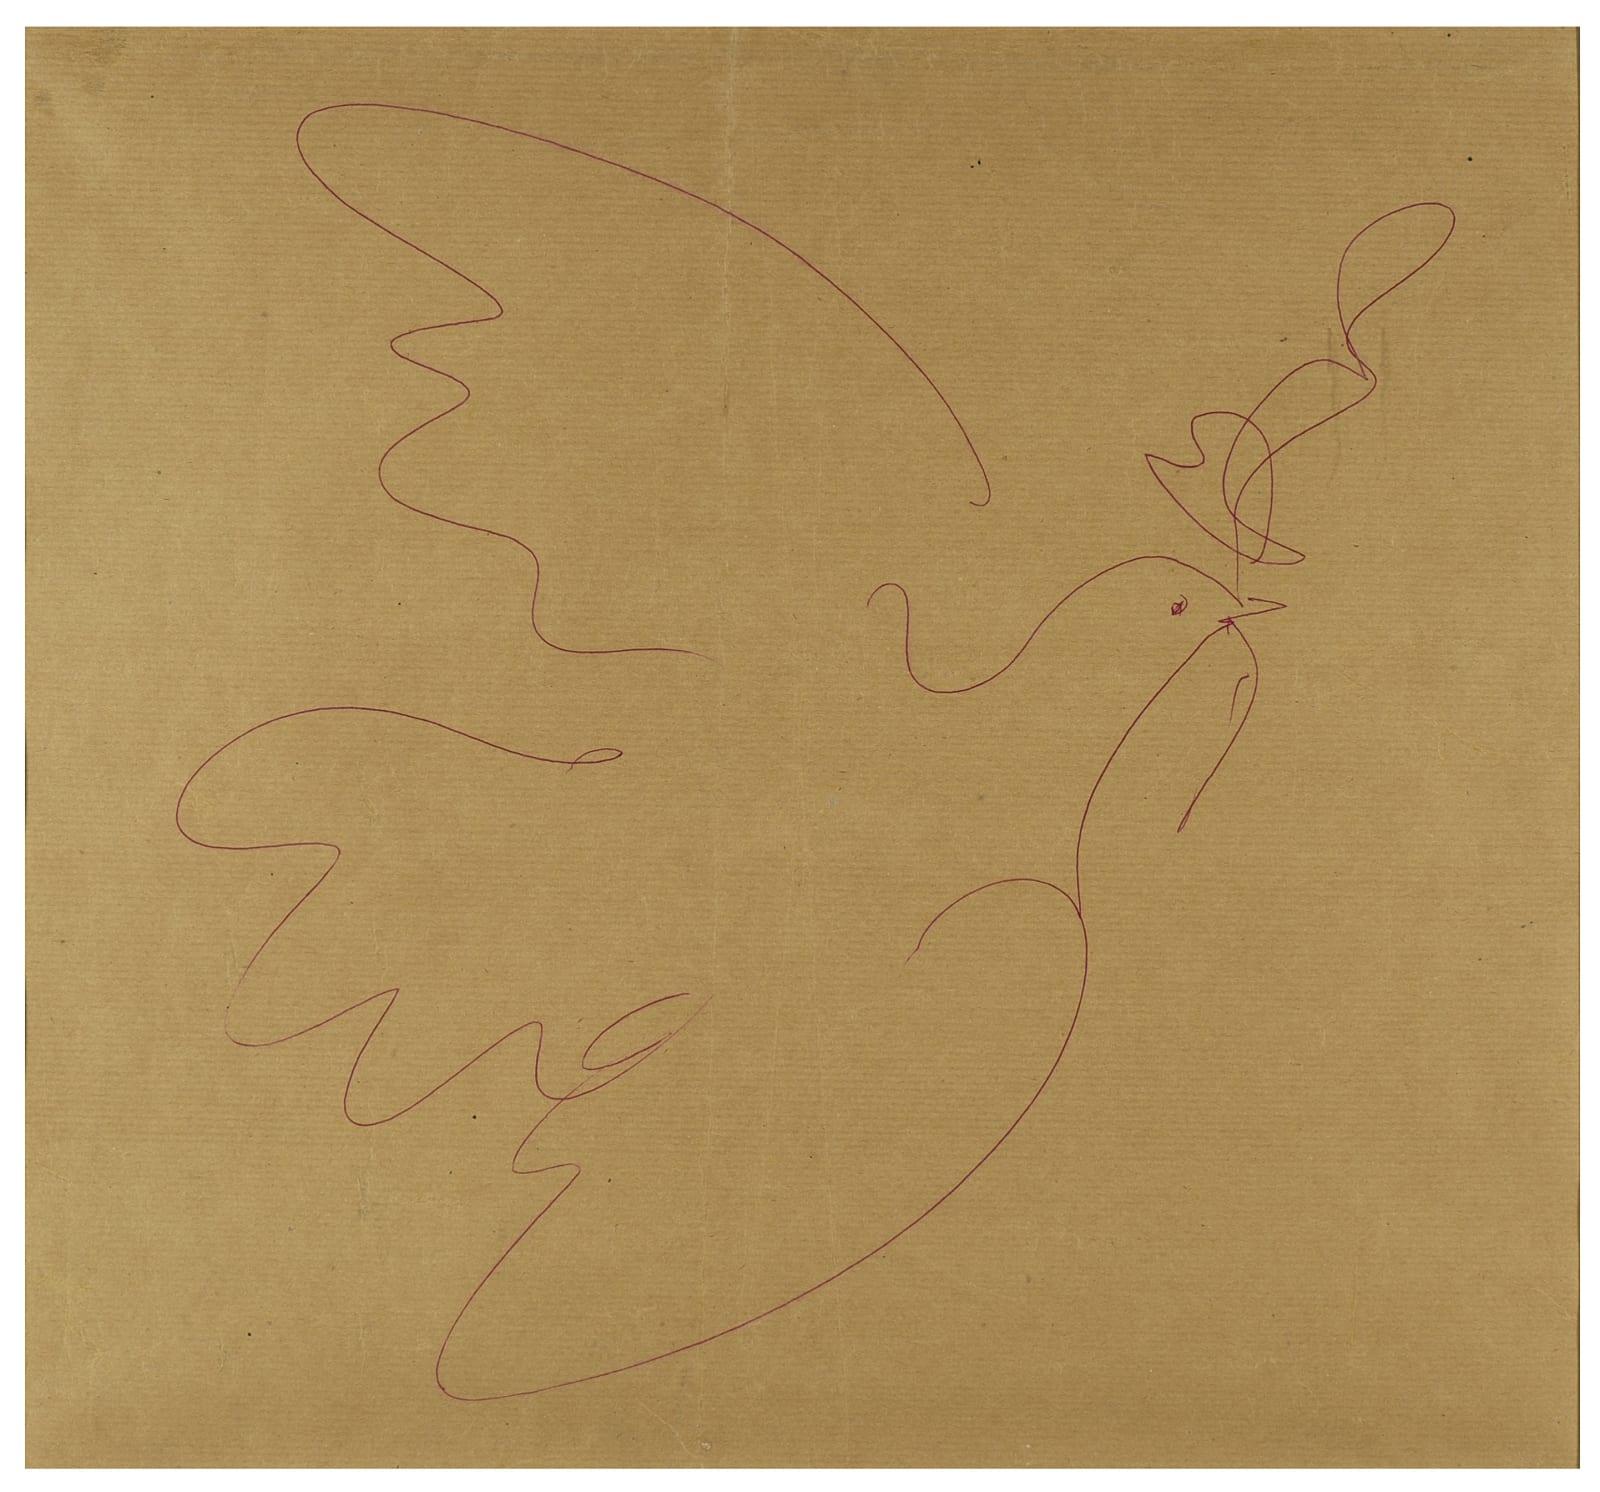 Pablo Picasso, La Colombe de la Paix, c. 1953